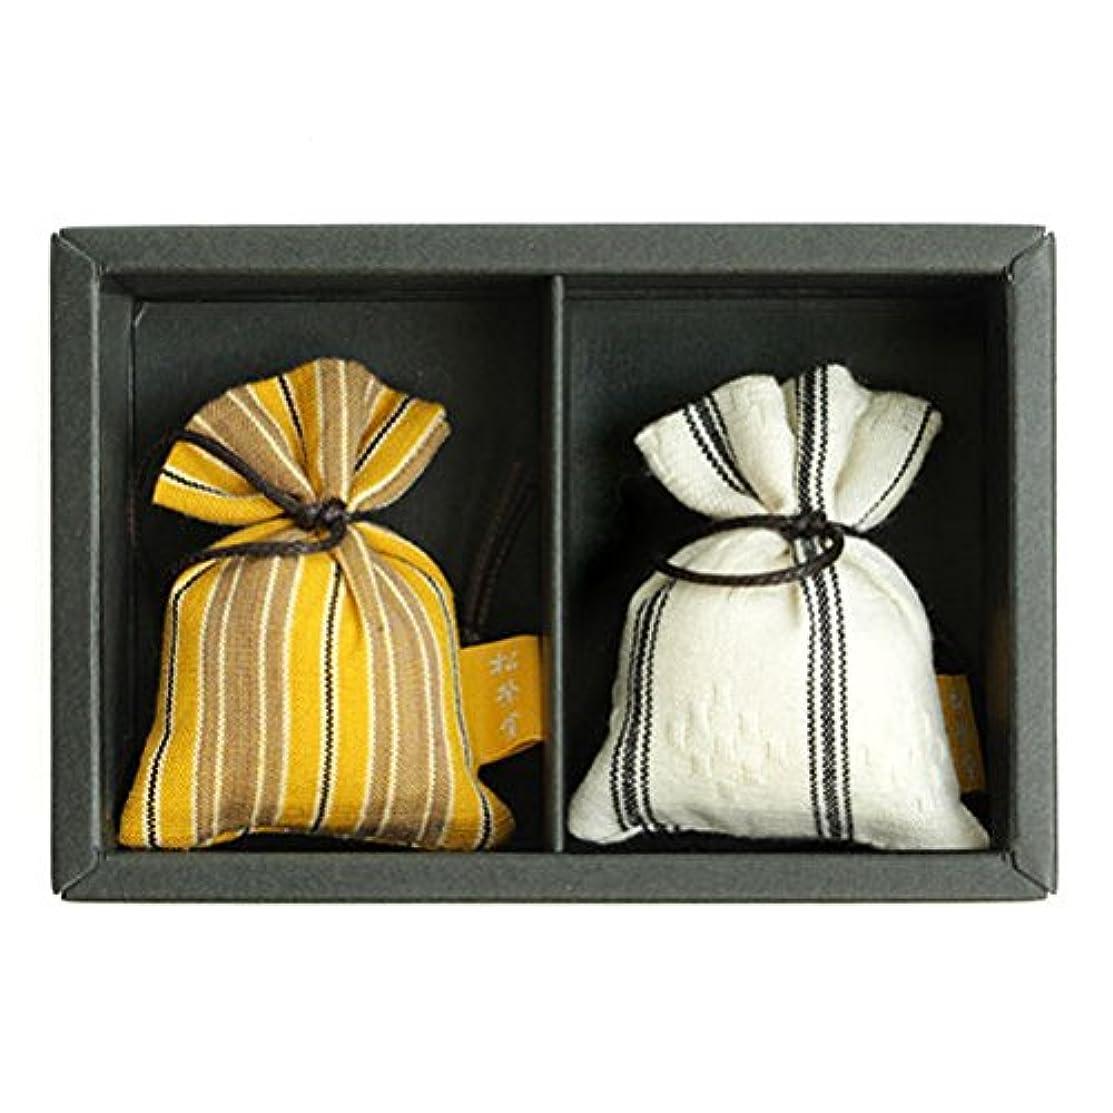 オープナー読書糸匂い袋 誰が袖 ルリック(縞) 2個入 松栄堂 Shoyeido 本体長さ60mm (色?柄は選べません)